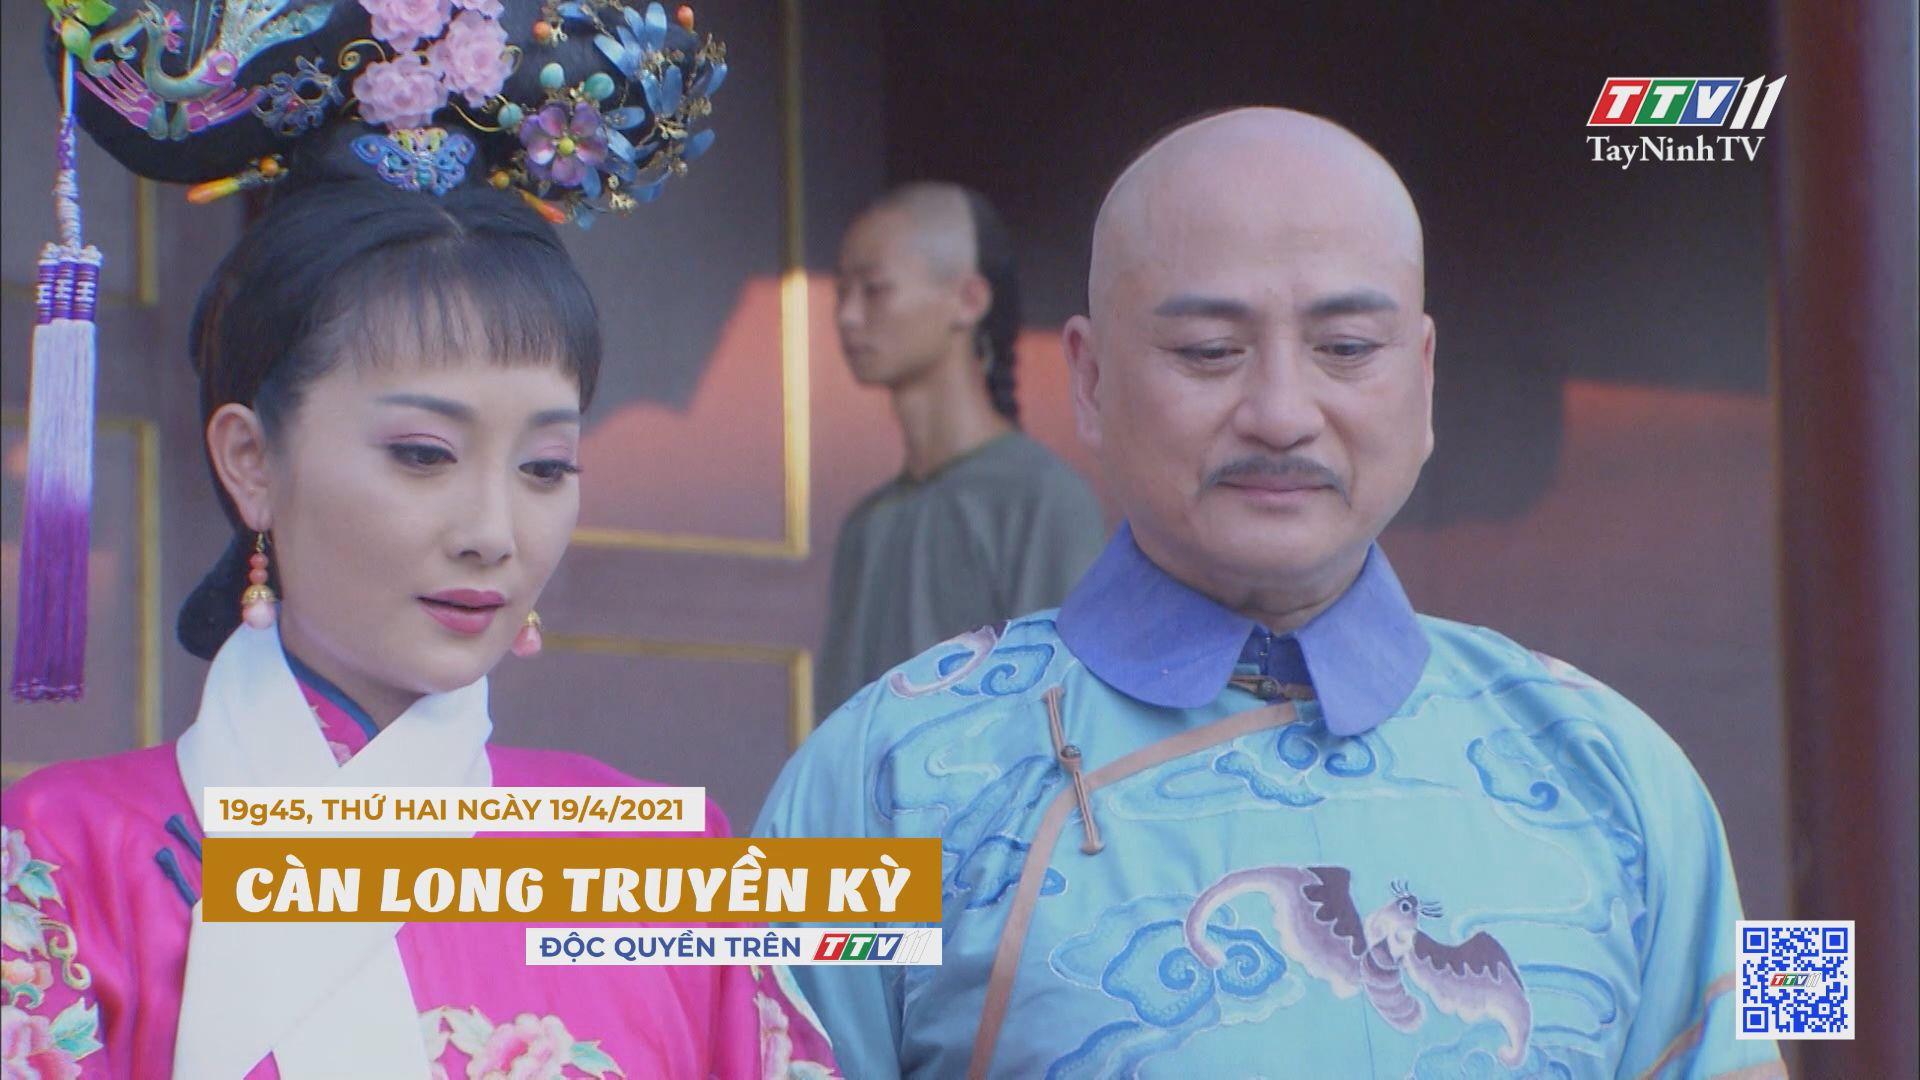 Càn Long truyền kỳ-Trailer tập 2 | PHIM CÀN LONG TRUYỀN KỲ | TayNinhTVE